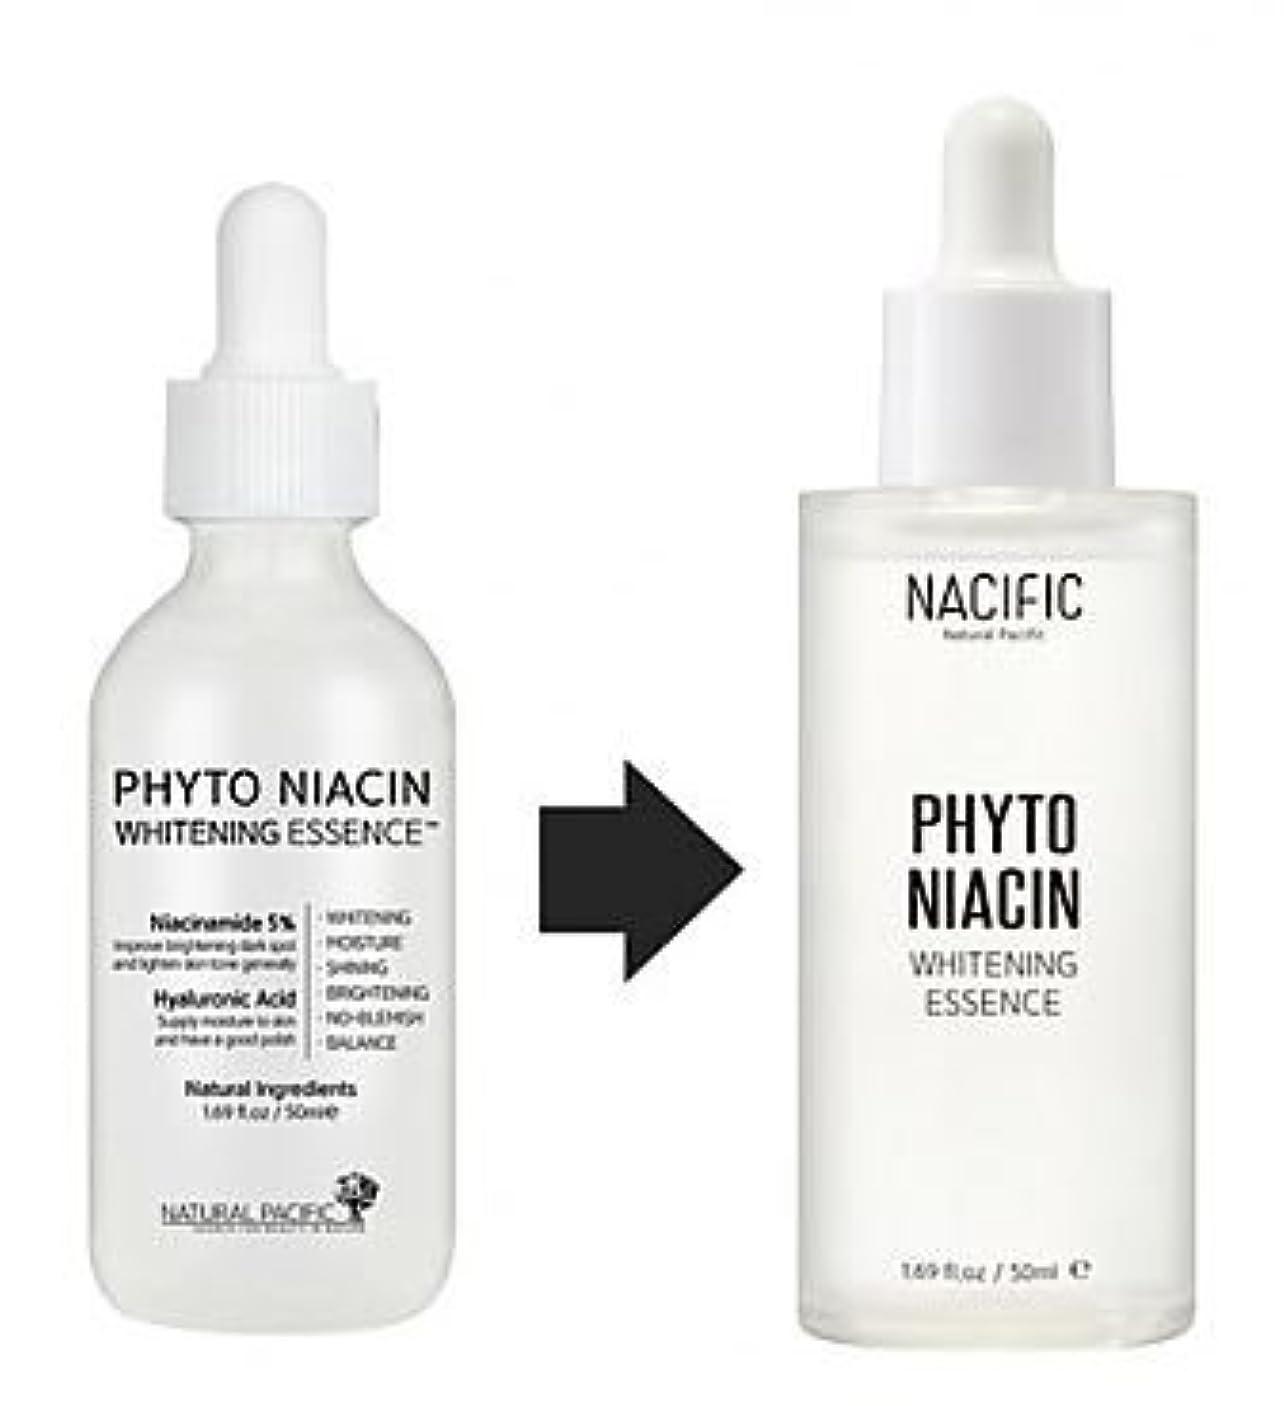 教育する恥所属[NACIFIC]Phyto Niacin Whitening Essence 50ml/ナチュラルパシフィック フィト ナイアシン ホワイトニング エッセンス 50ml [並行輸入品]